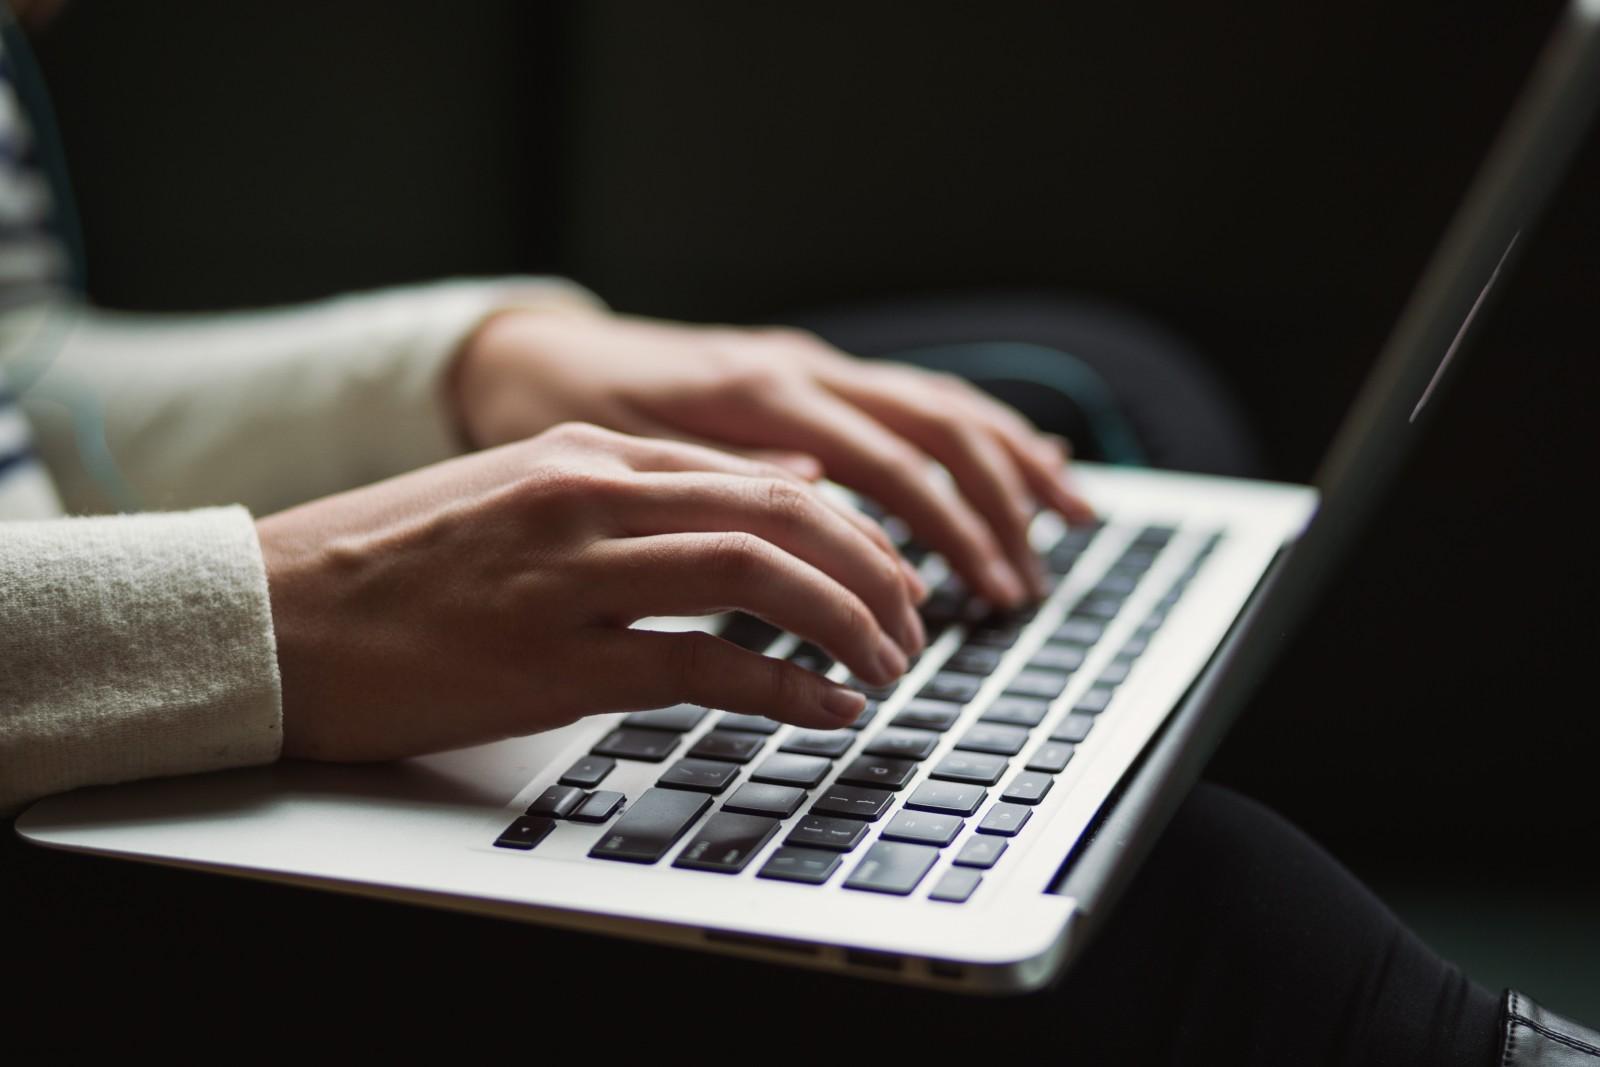 Logiciel et application PC sécurité